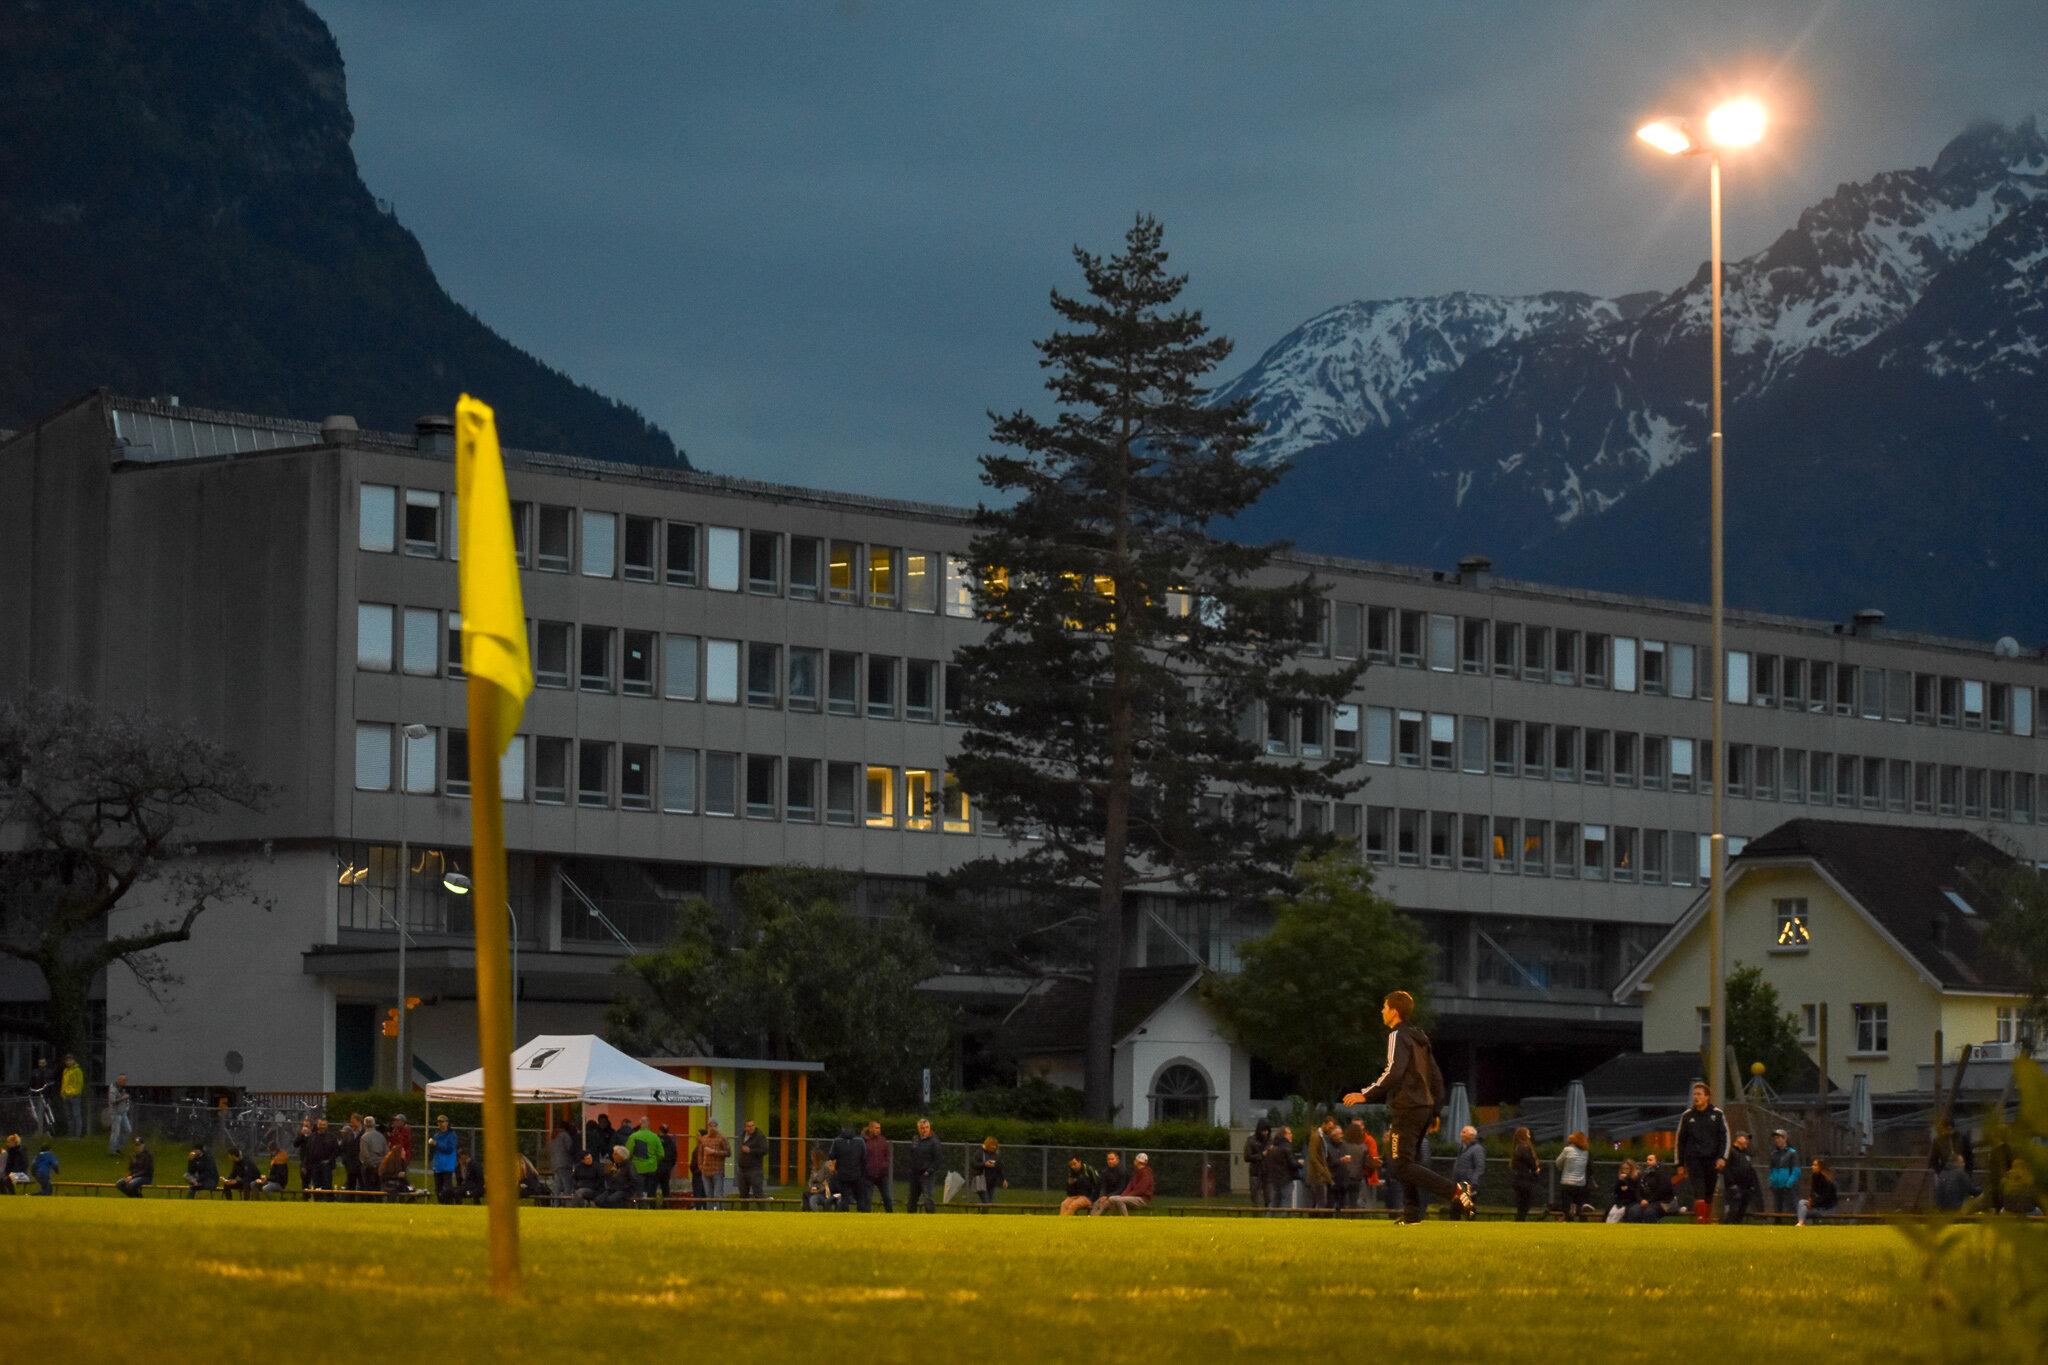 Fussball auf der Suworowmatte gibt es auch dieses Wochenende wieder. Foto: FC Altdorf